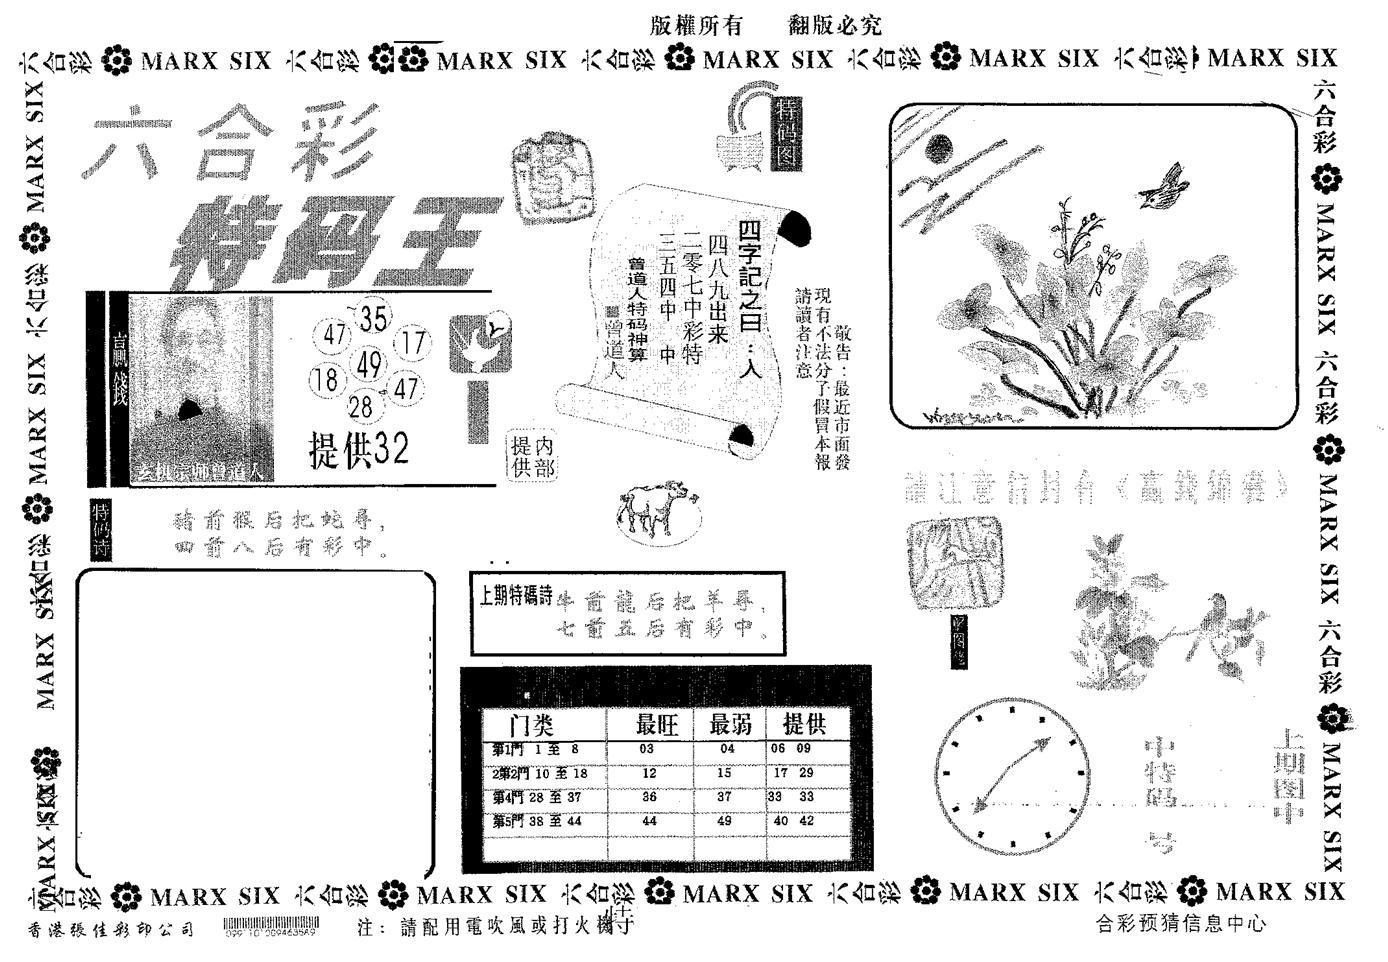 061期特码王A(黑白)